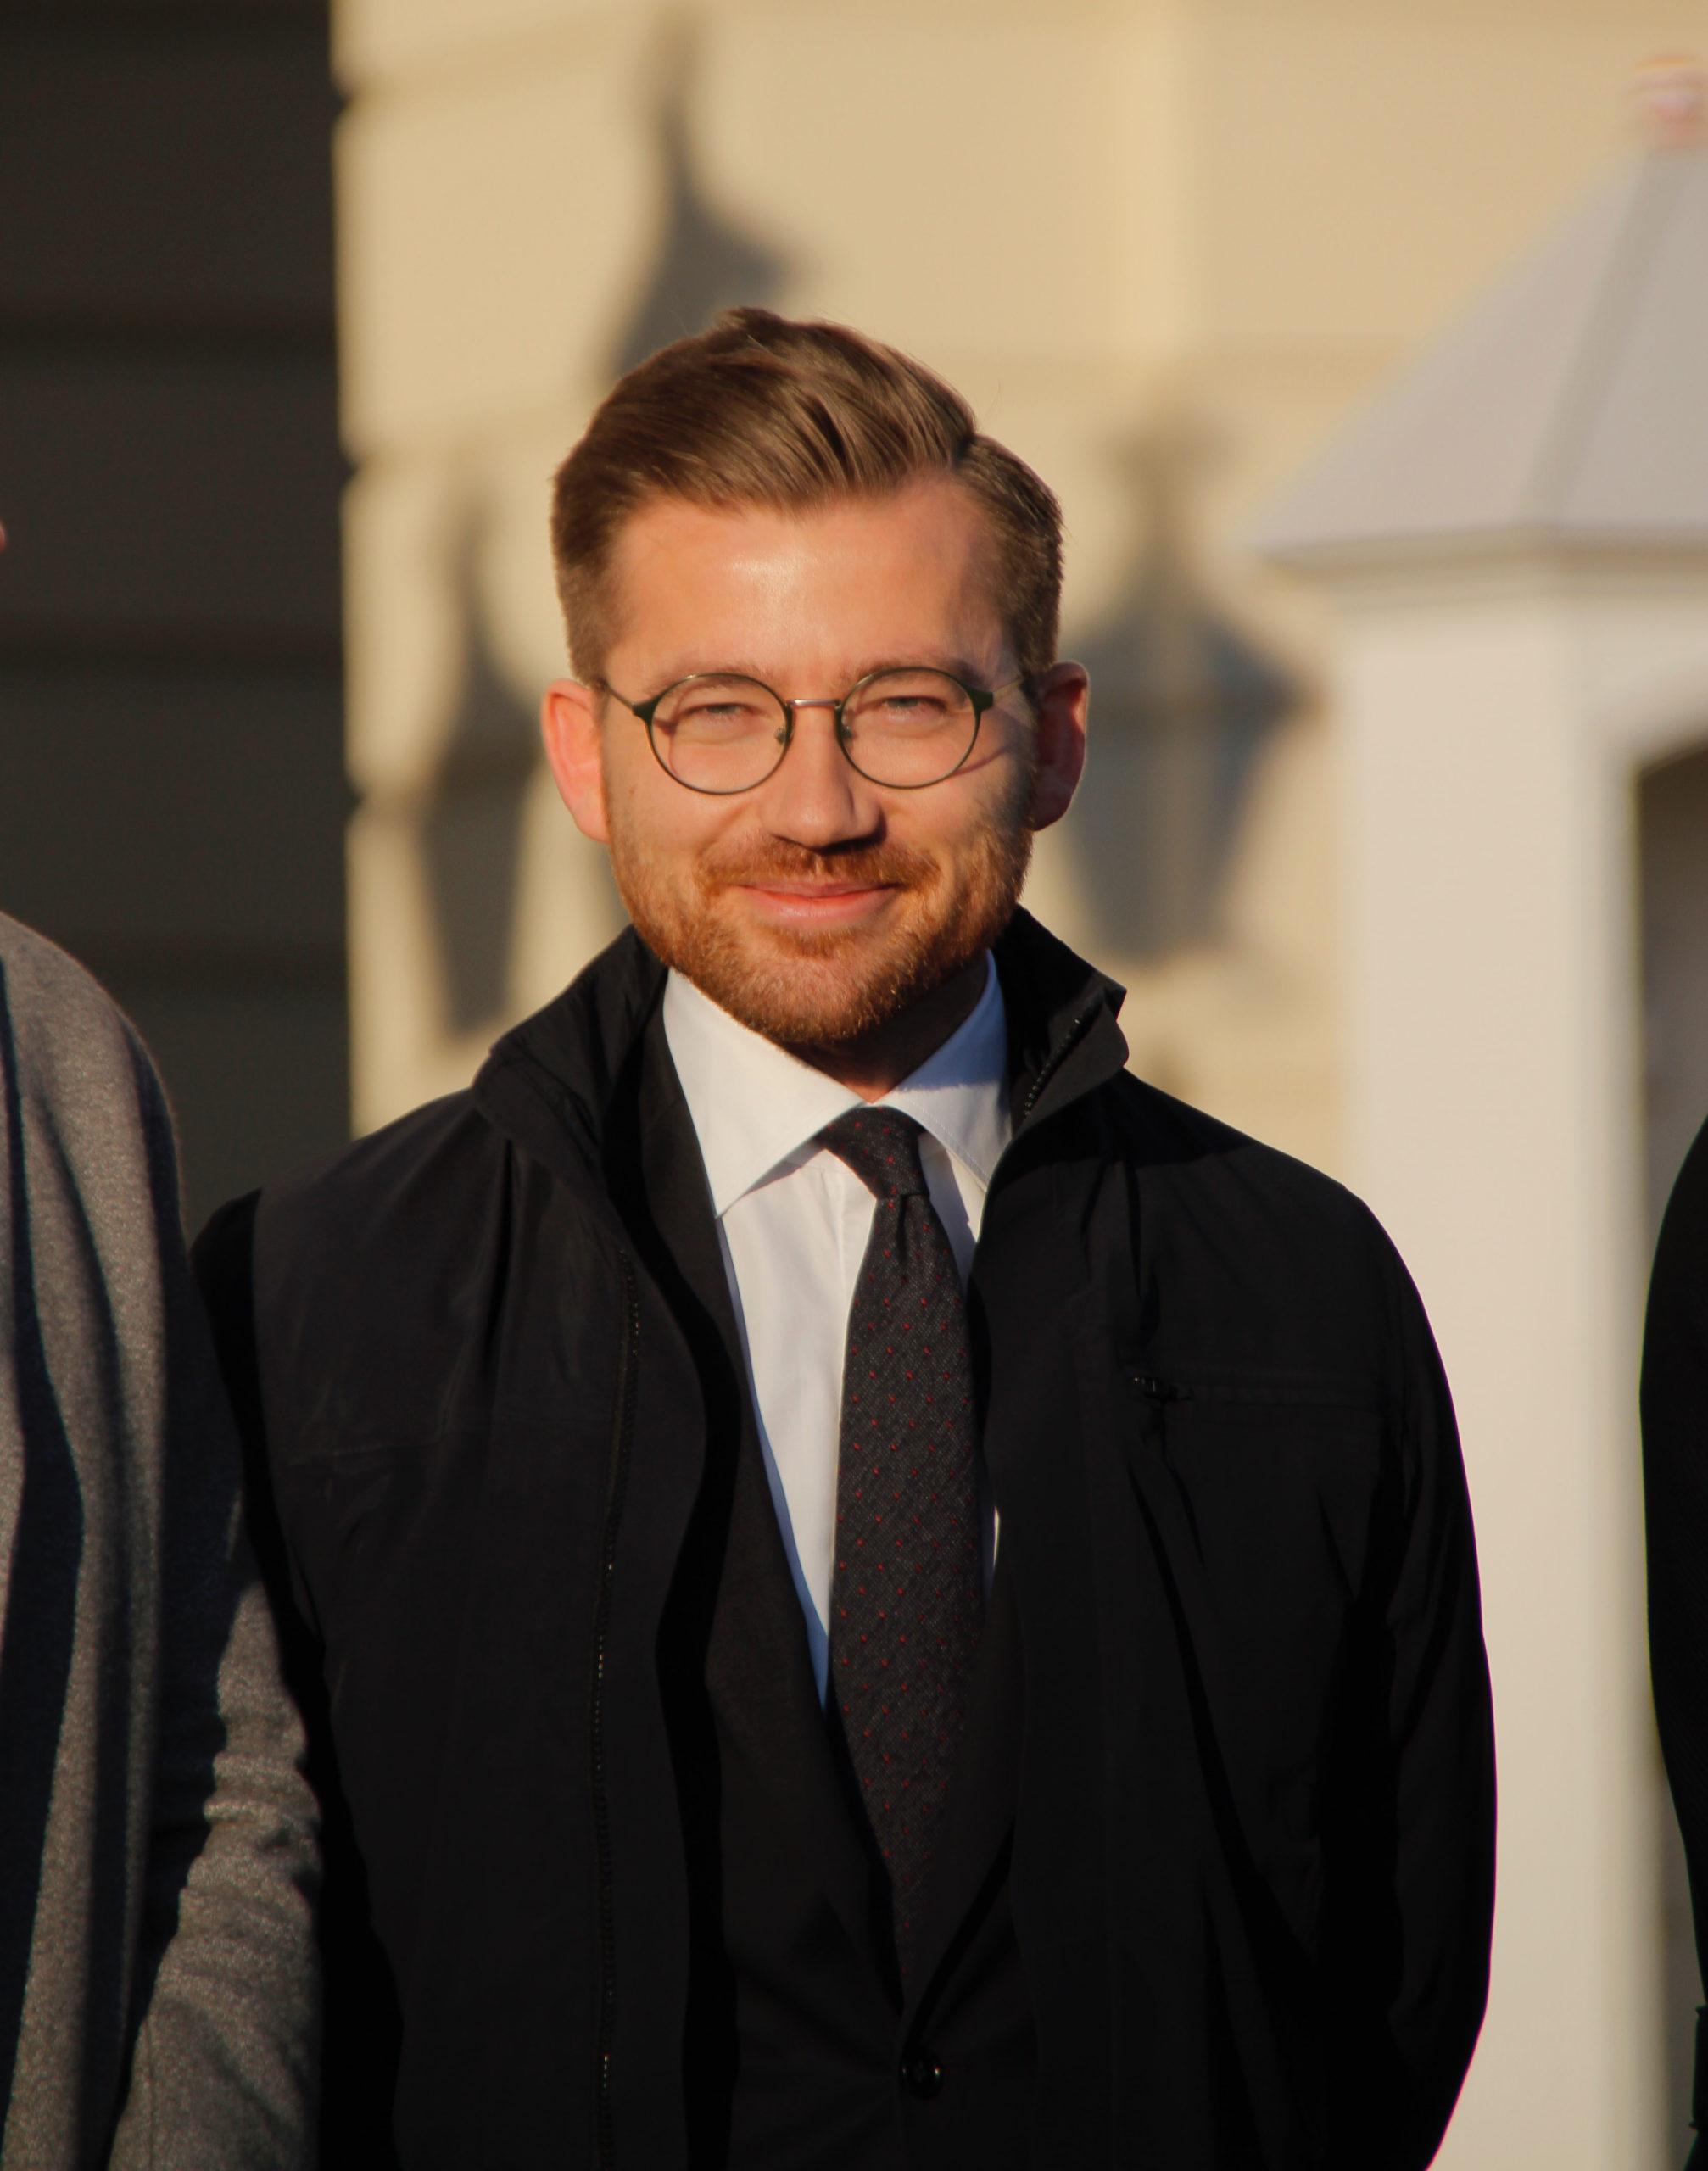 Sveinung Rotevatn var tidligere Ola Elvestuens statssekretær. Nå blir han Elvestuens arvtaker.